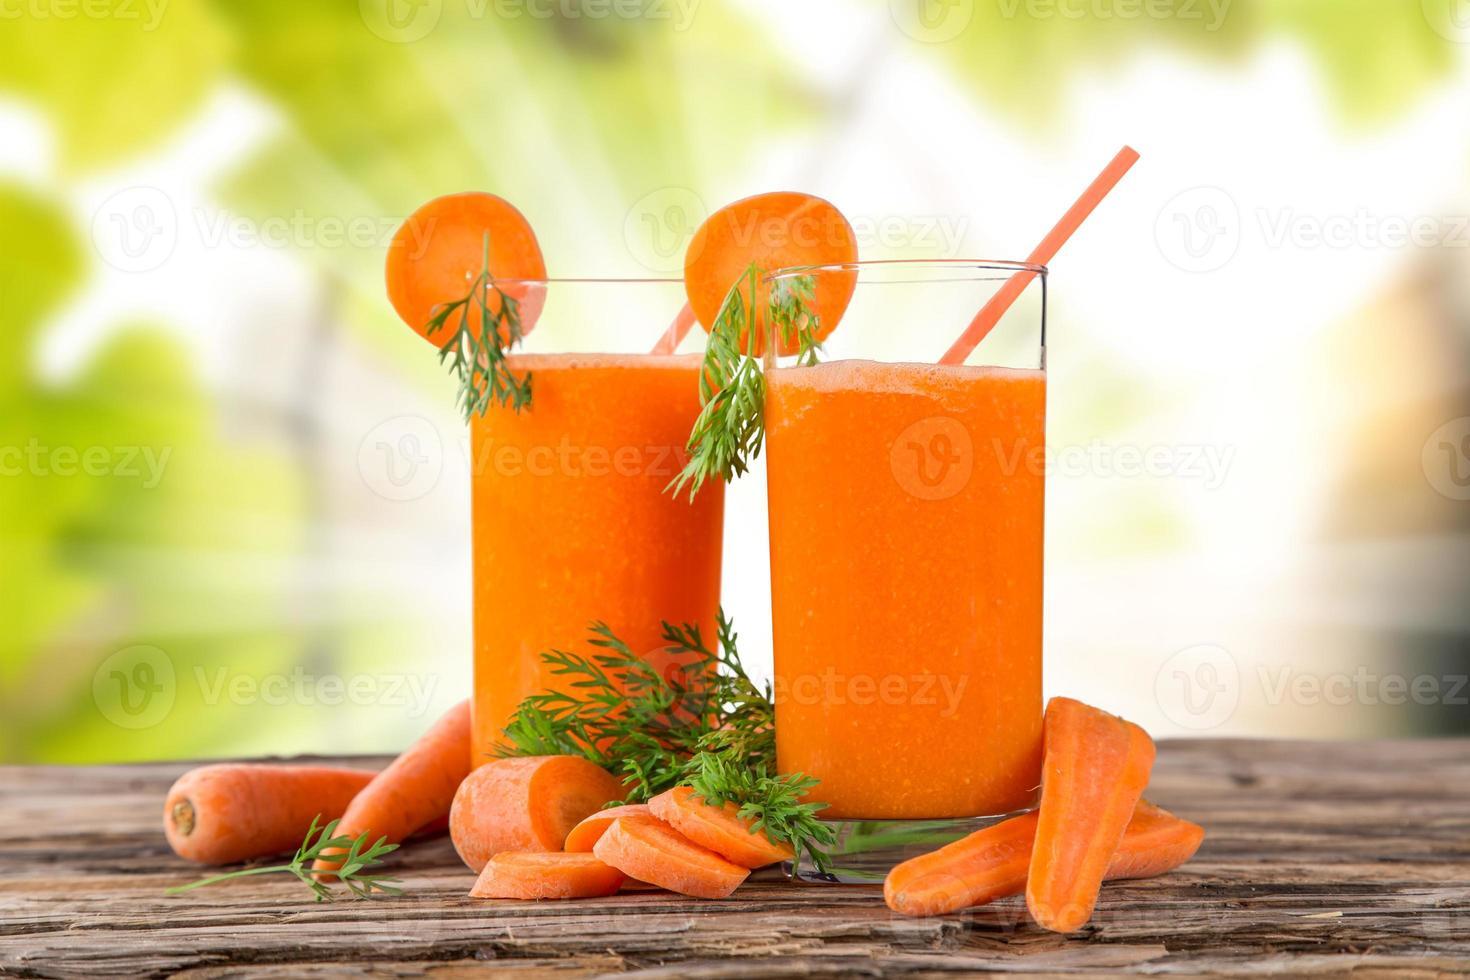 vers wortelsap, gezonde dranken. foto